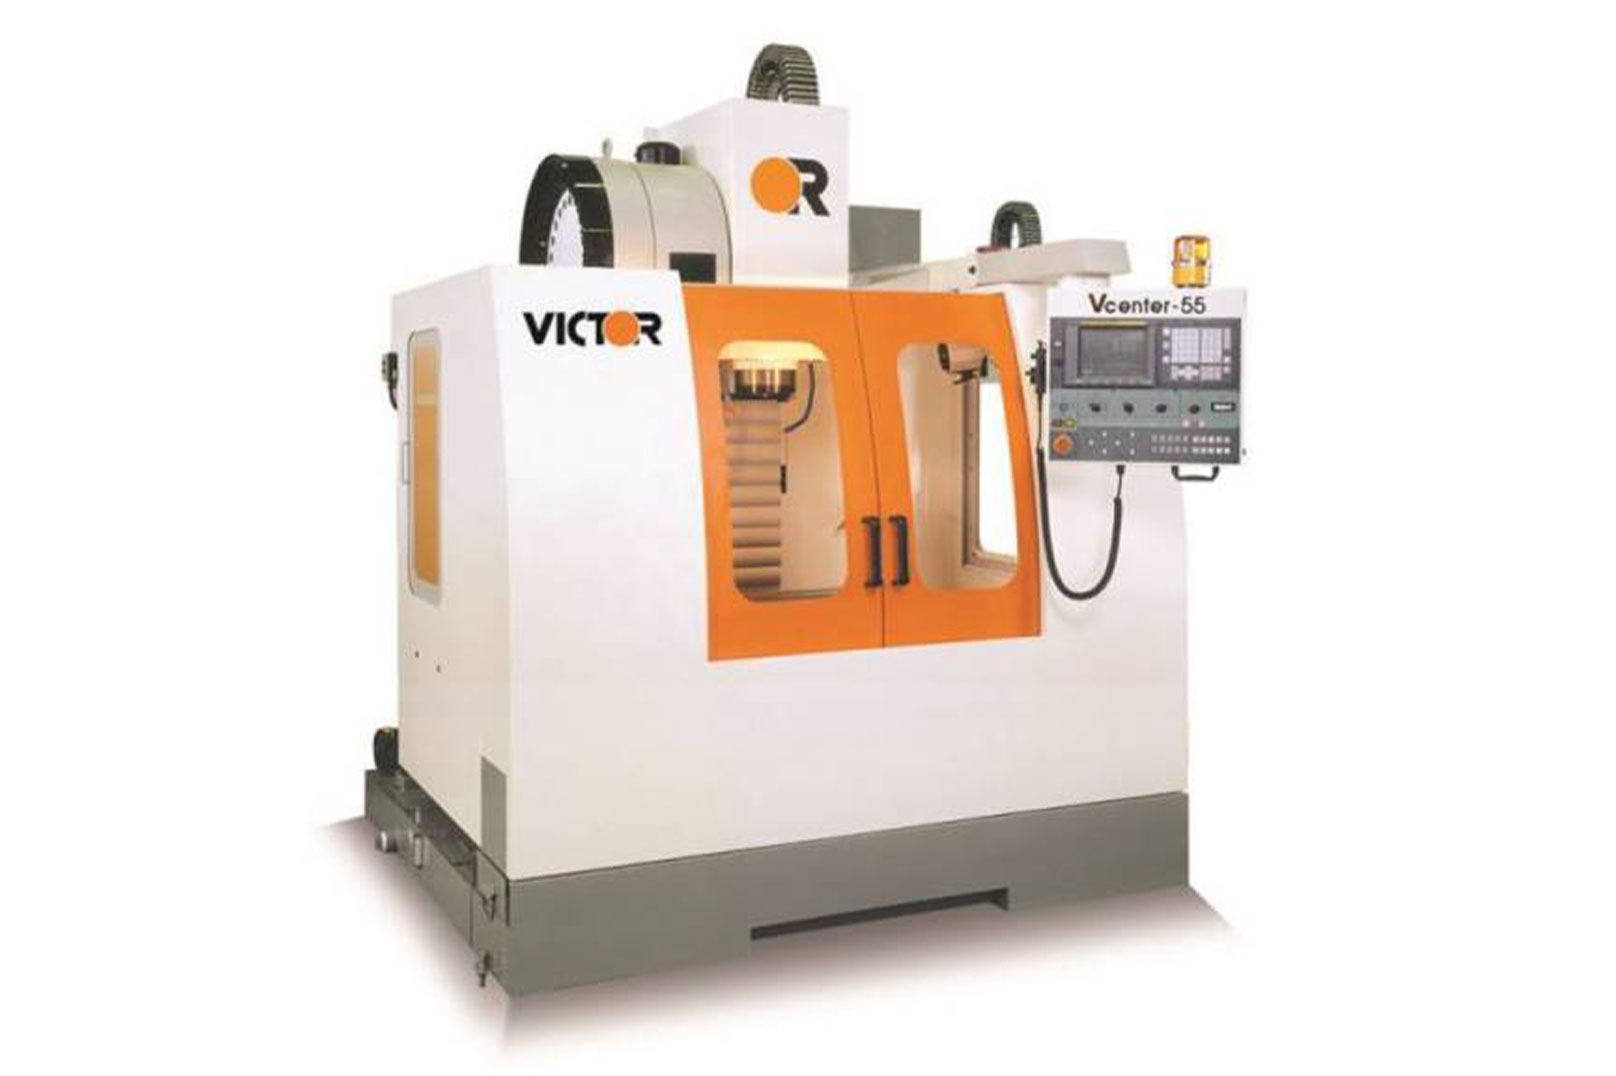 Victor centro di lavoro verticale modello VC 55